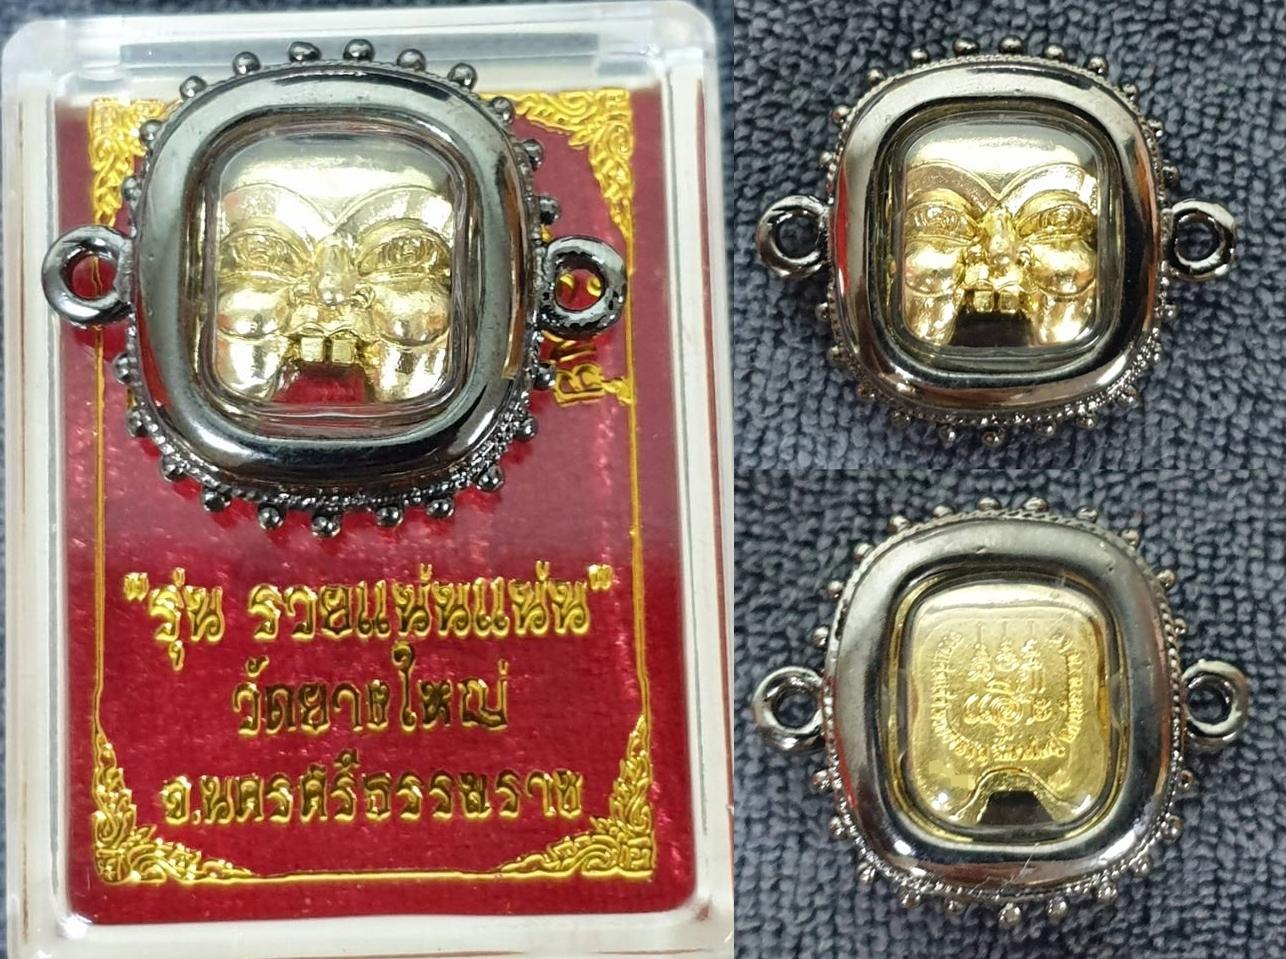 หล่อกริ่งหน้ากากพรานบุญ เนื้อทองเหลือง รุ่นรวยแน่นแน่น วัดยางใหญ่ 2564 ขนาด 1.3*1.4 ซม ใส่กรอบ